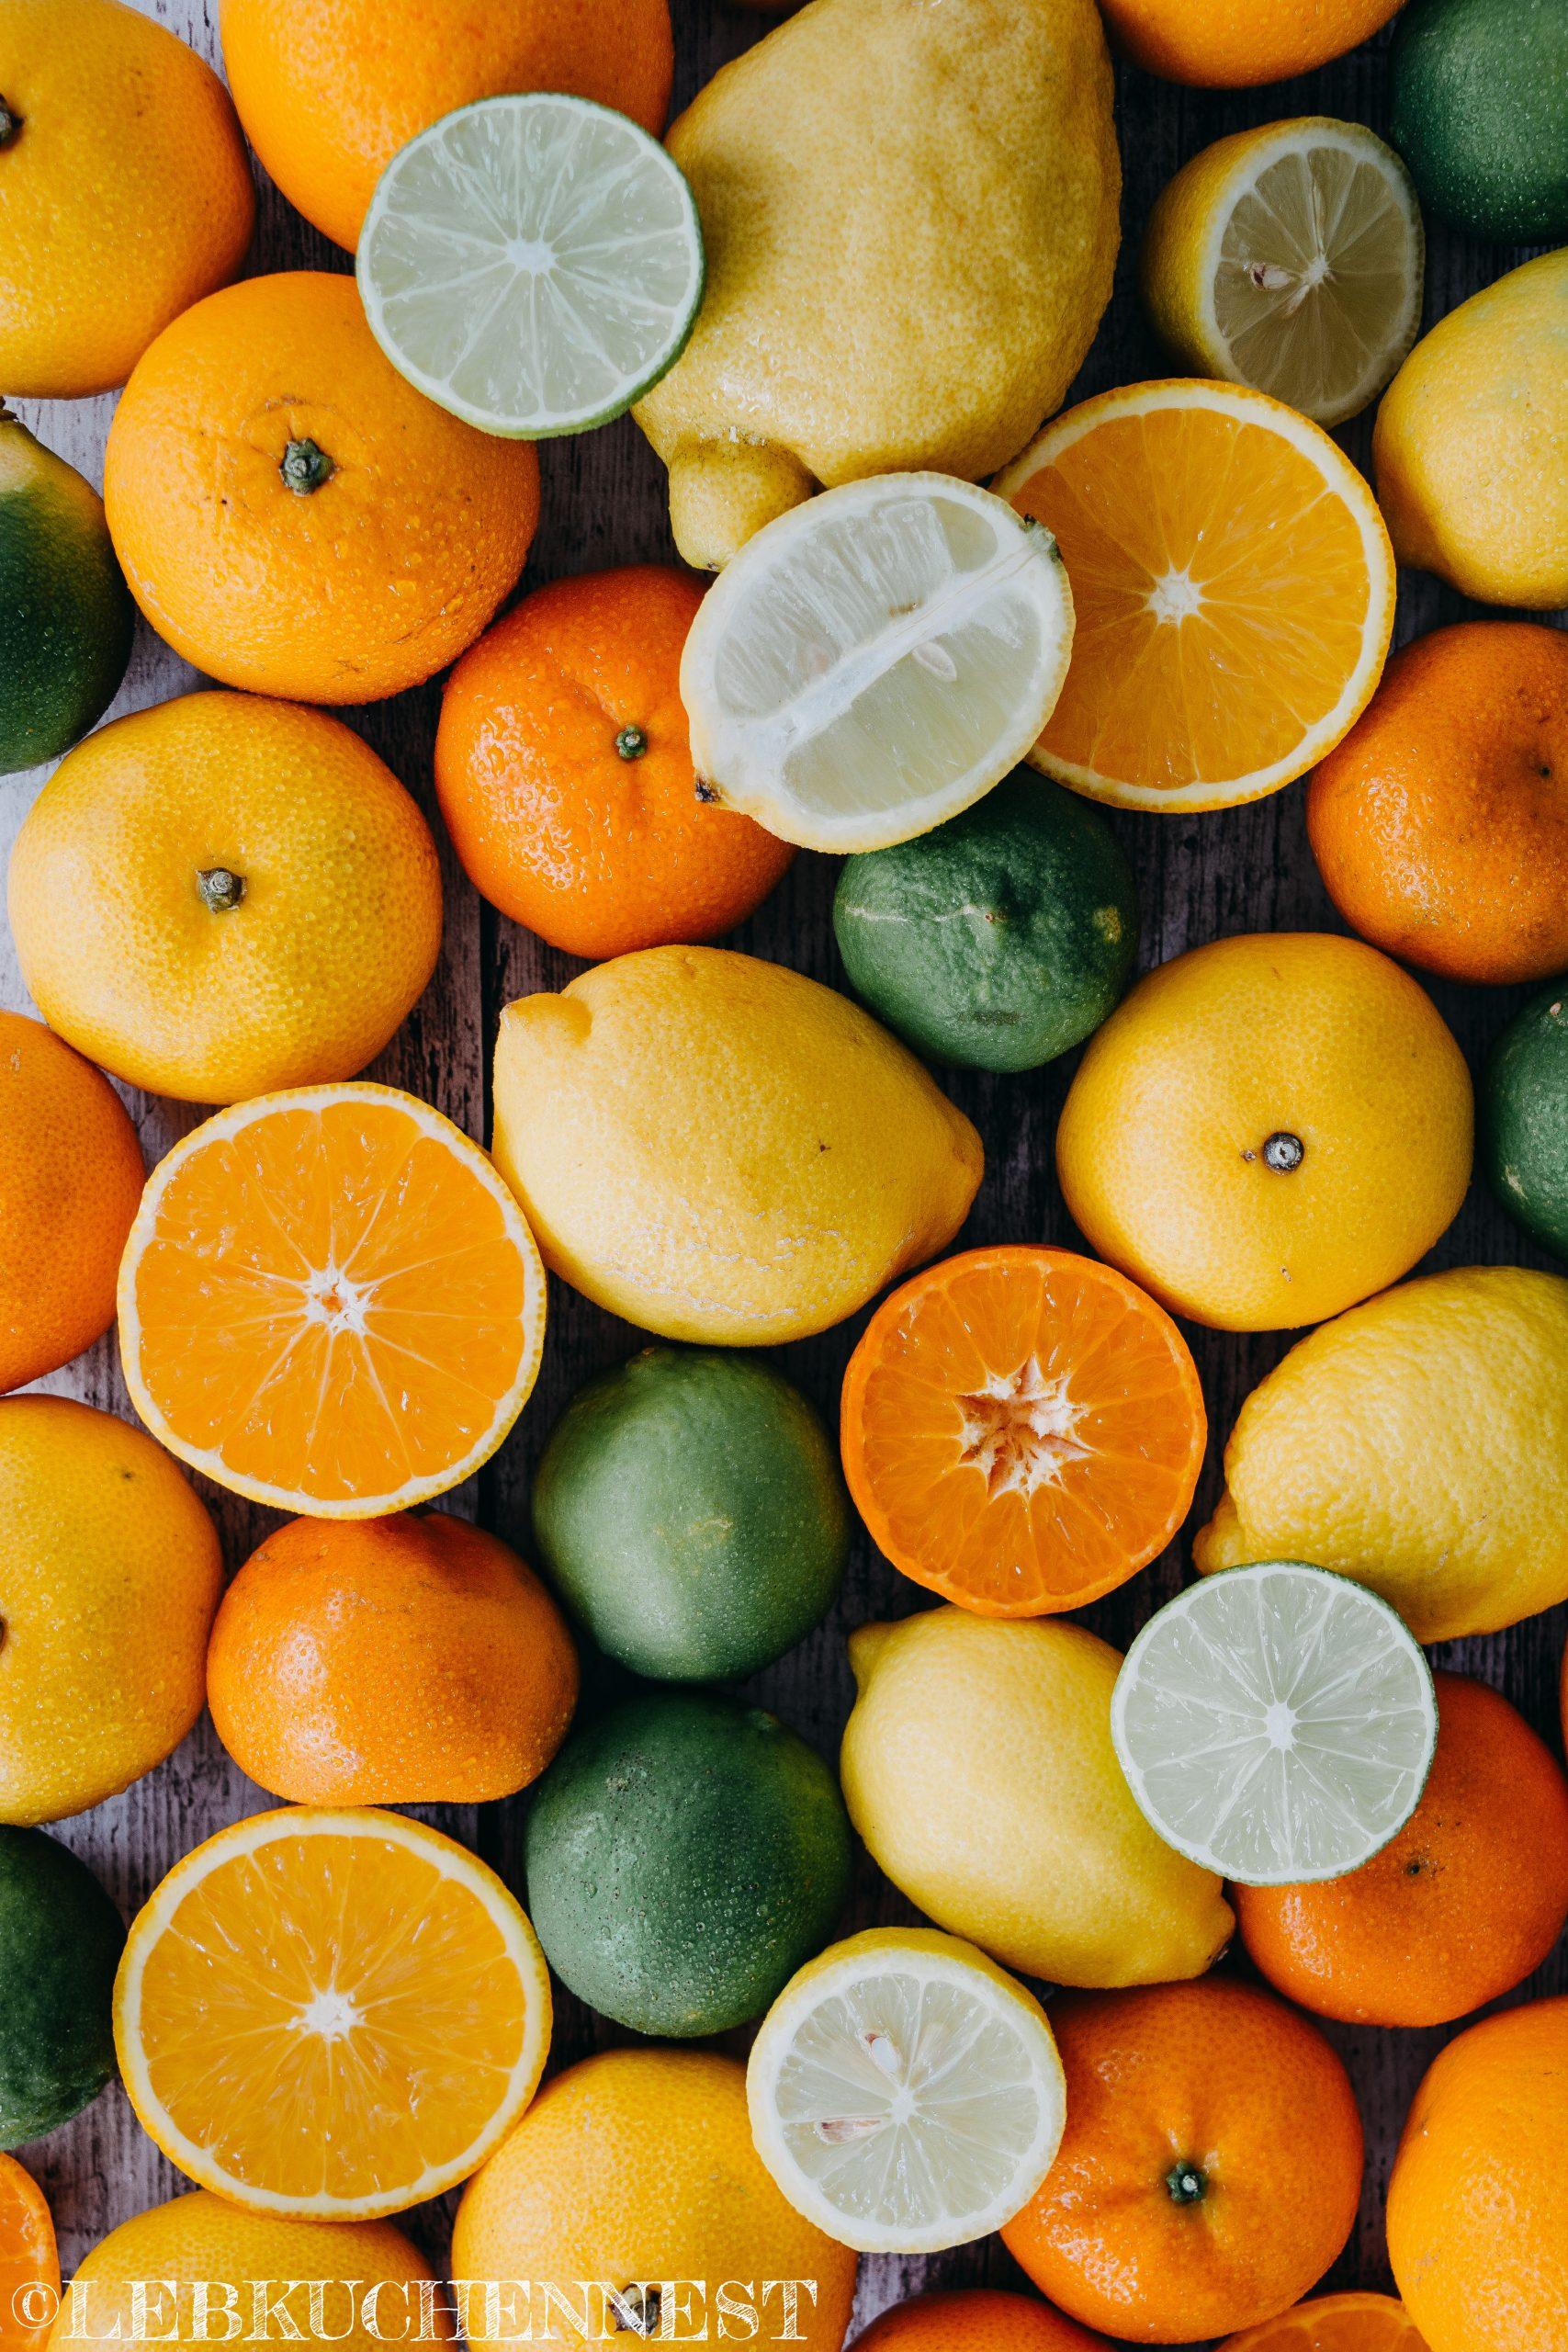 Orangen, Mandarinen, Calamansi, Zitronen, Limetten